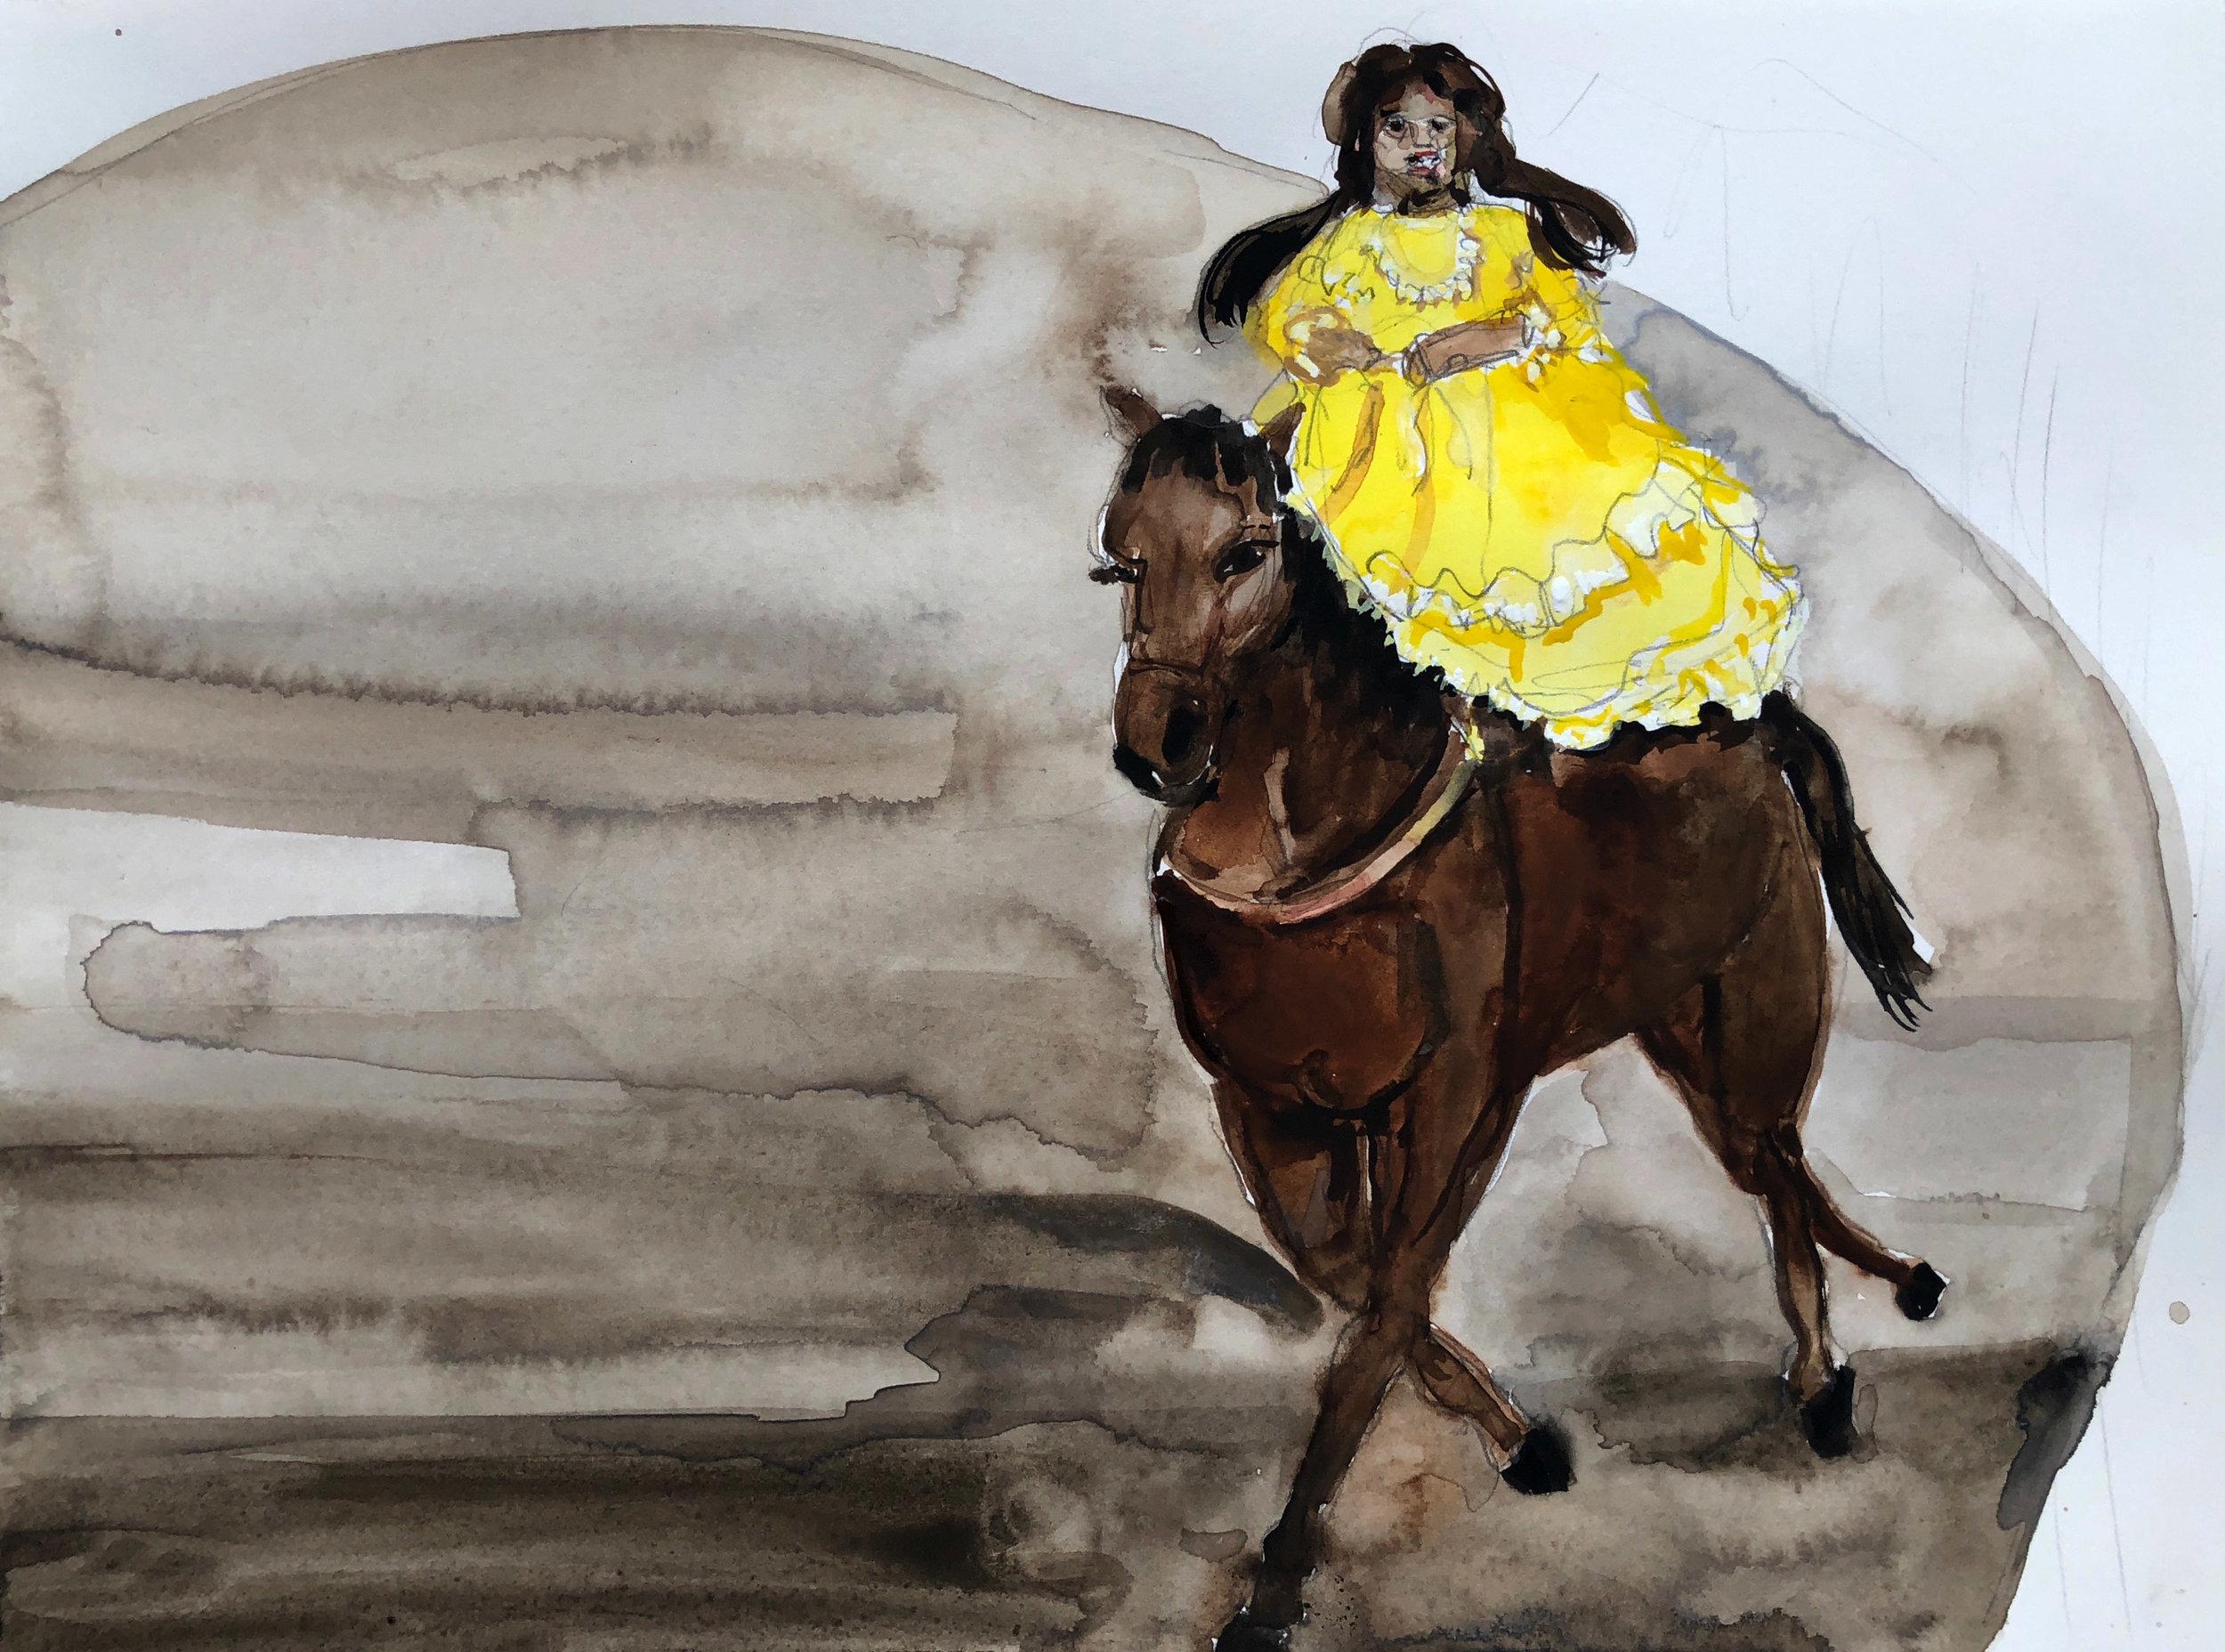 Vestido Amarillo, 2018,  Graphite and watercolor on paper, 9 x 12 in.